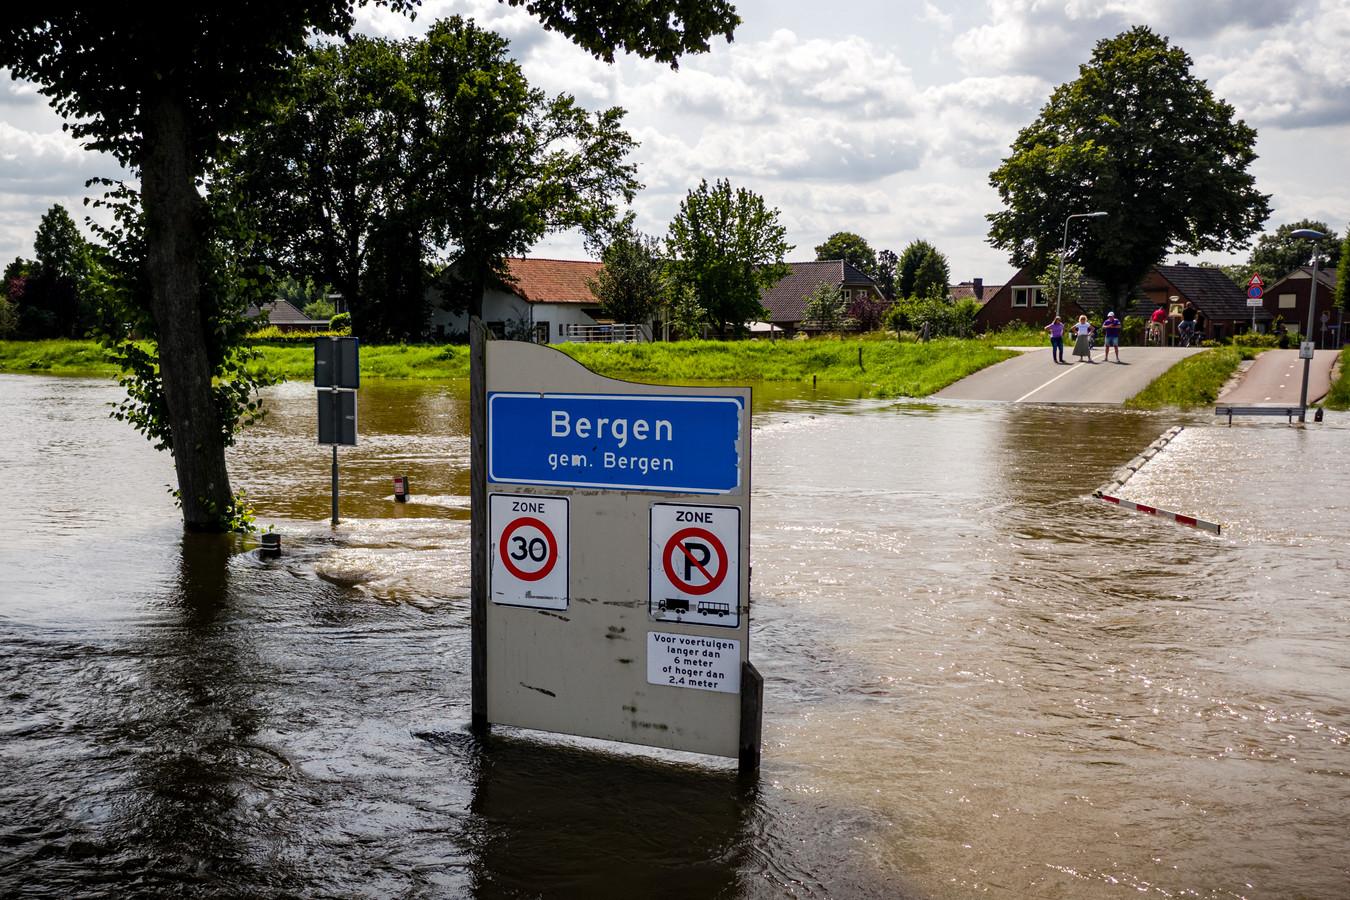 Door het hoge water in de Maas raakte het dorp Bergen volledig geïsoleerd van de buitenwereld. Limburg is uitgeroepen tot rampgebied na overstromingen als gevolg van hevige regenval.